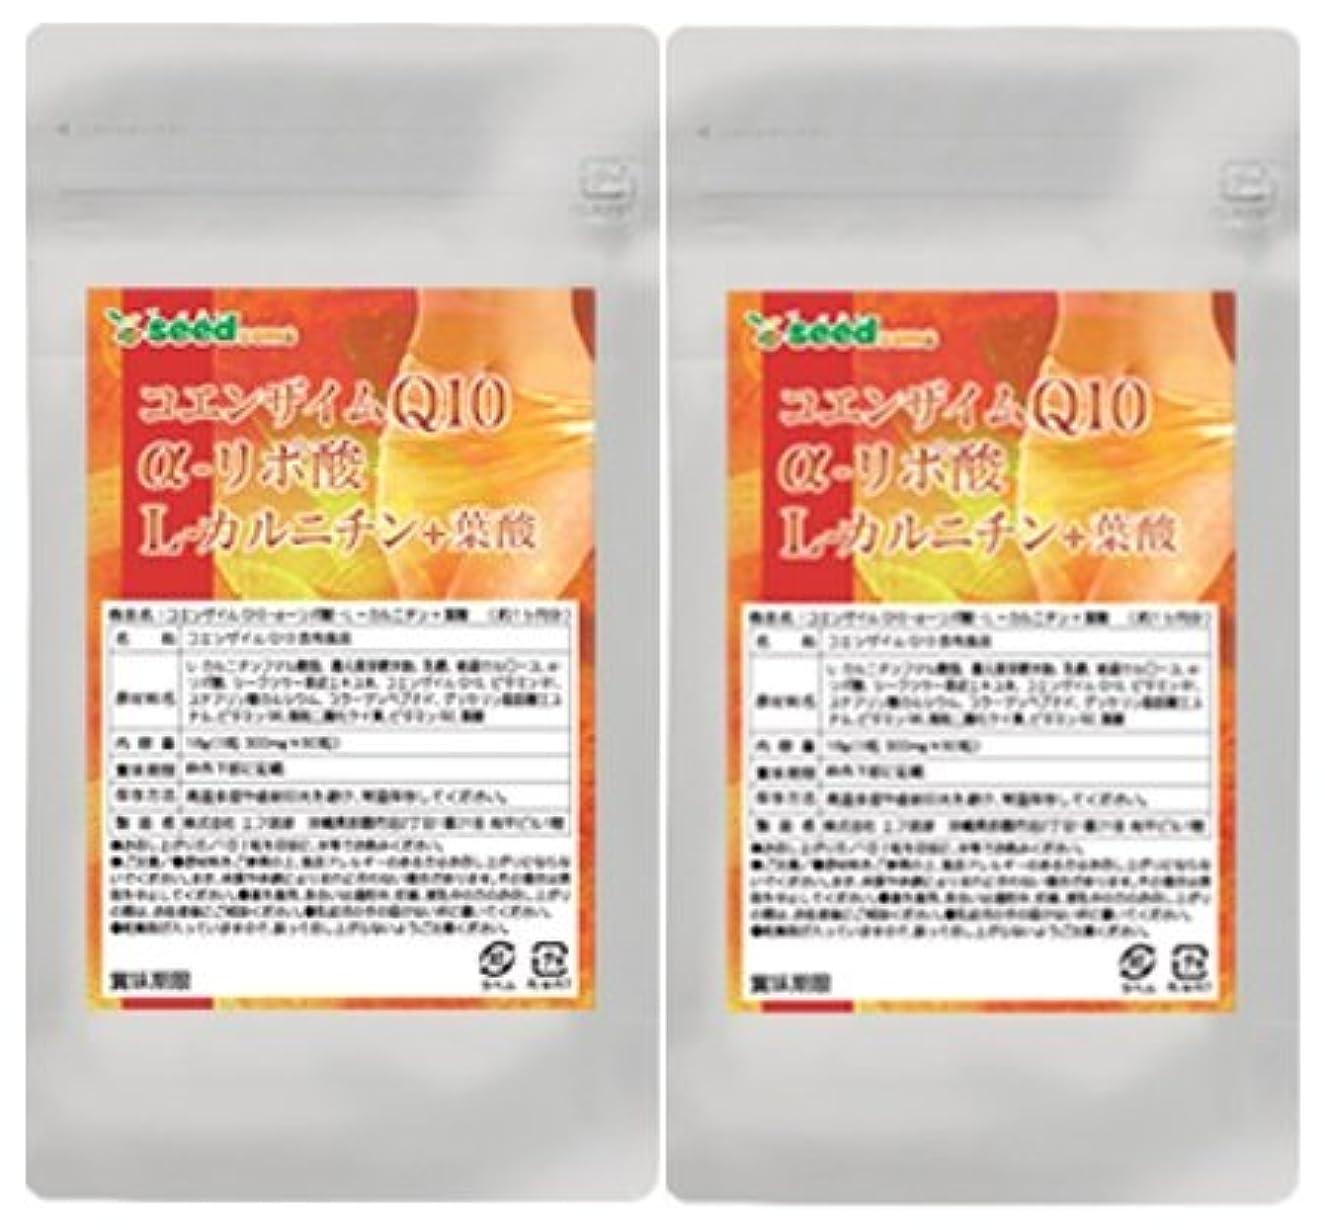 ディレイ聴衆変えるコエンザイムQ10 α-リポ酸 L-カルニチン + 葉酸 (約6ヶ月分/360粒)